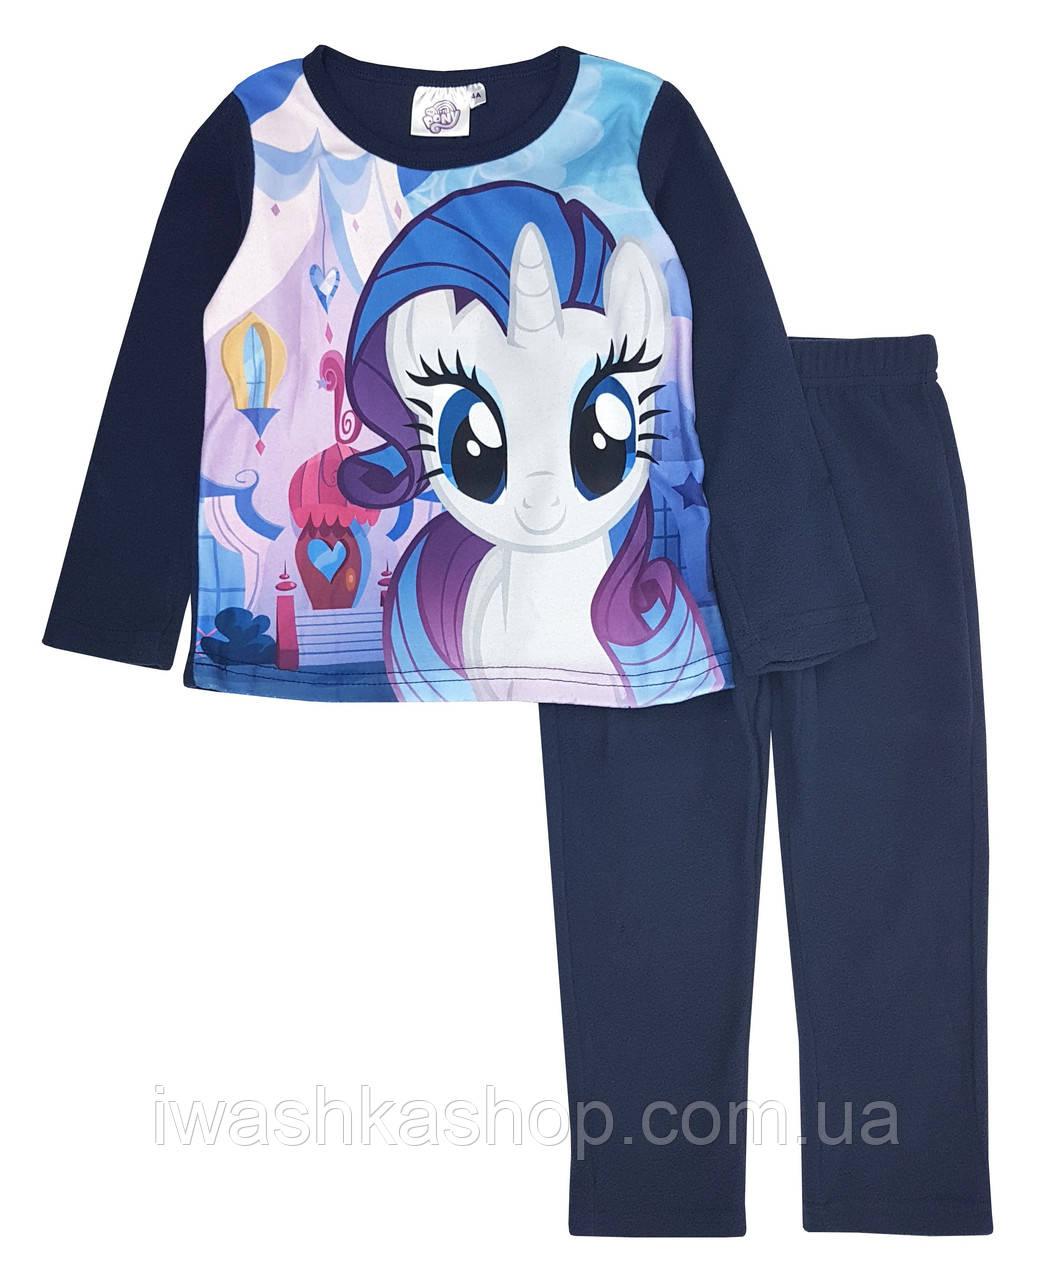 Темно - синя флисова піжама з поні, My little pony на дівчаток 3 років, р. 94, Sun City